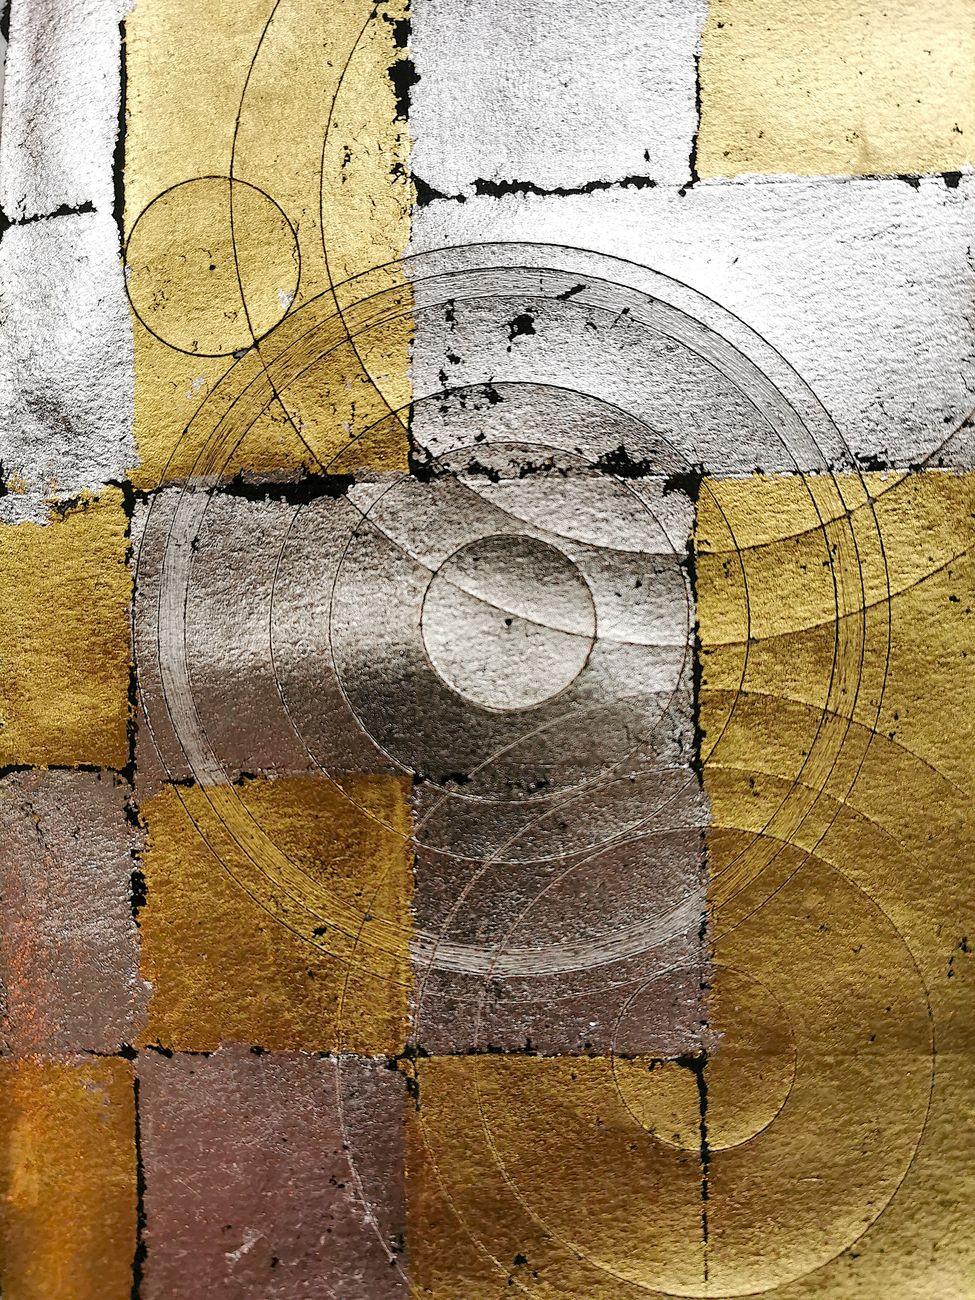 Alfredo Pirri, Studio per il primo bozzetto di Paradiso con Nanou, 2021, acquerello, argento e oro su carta